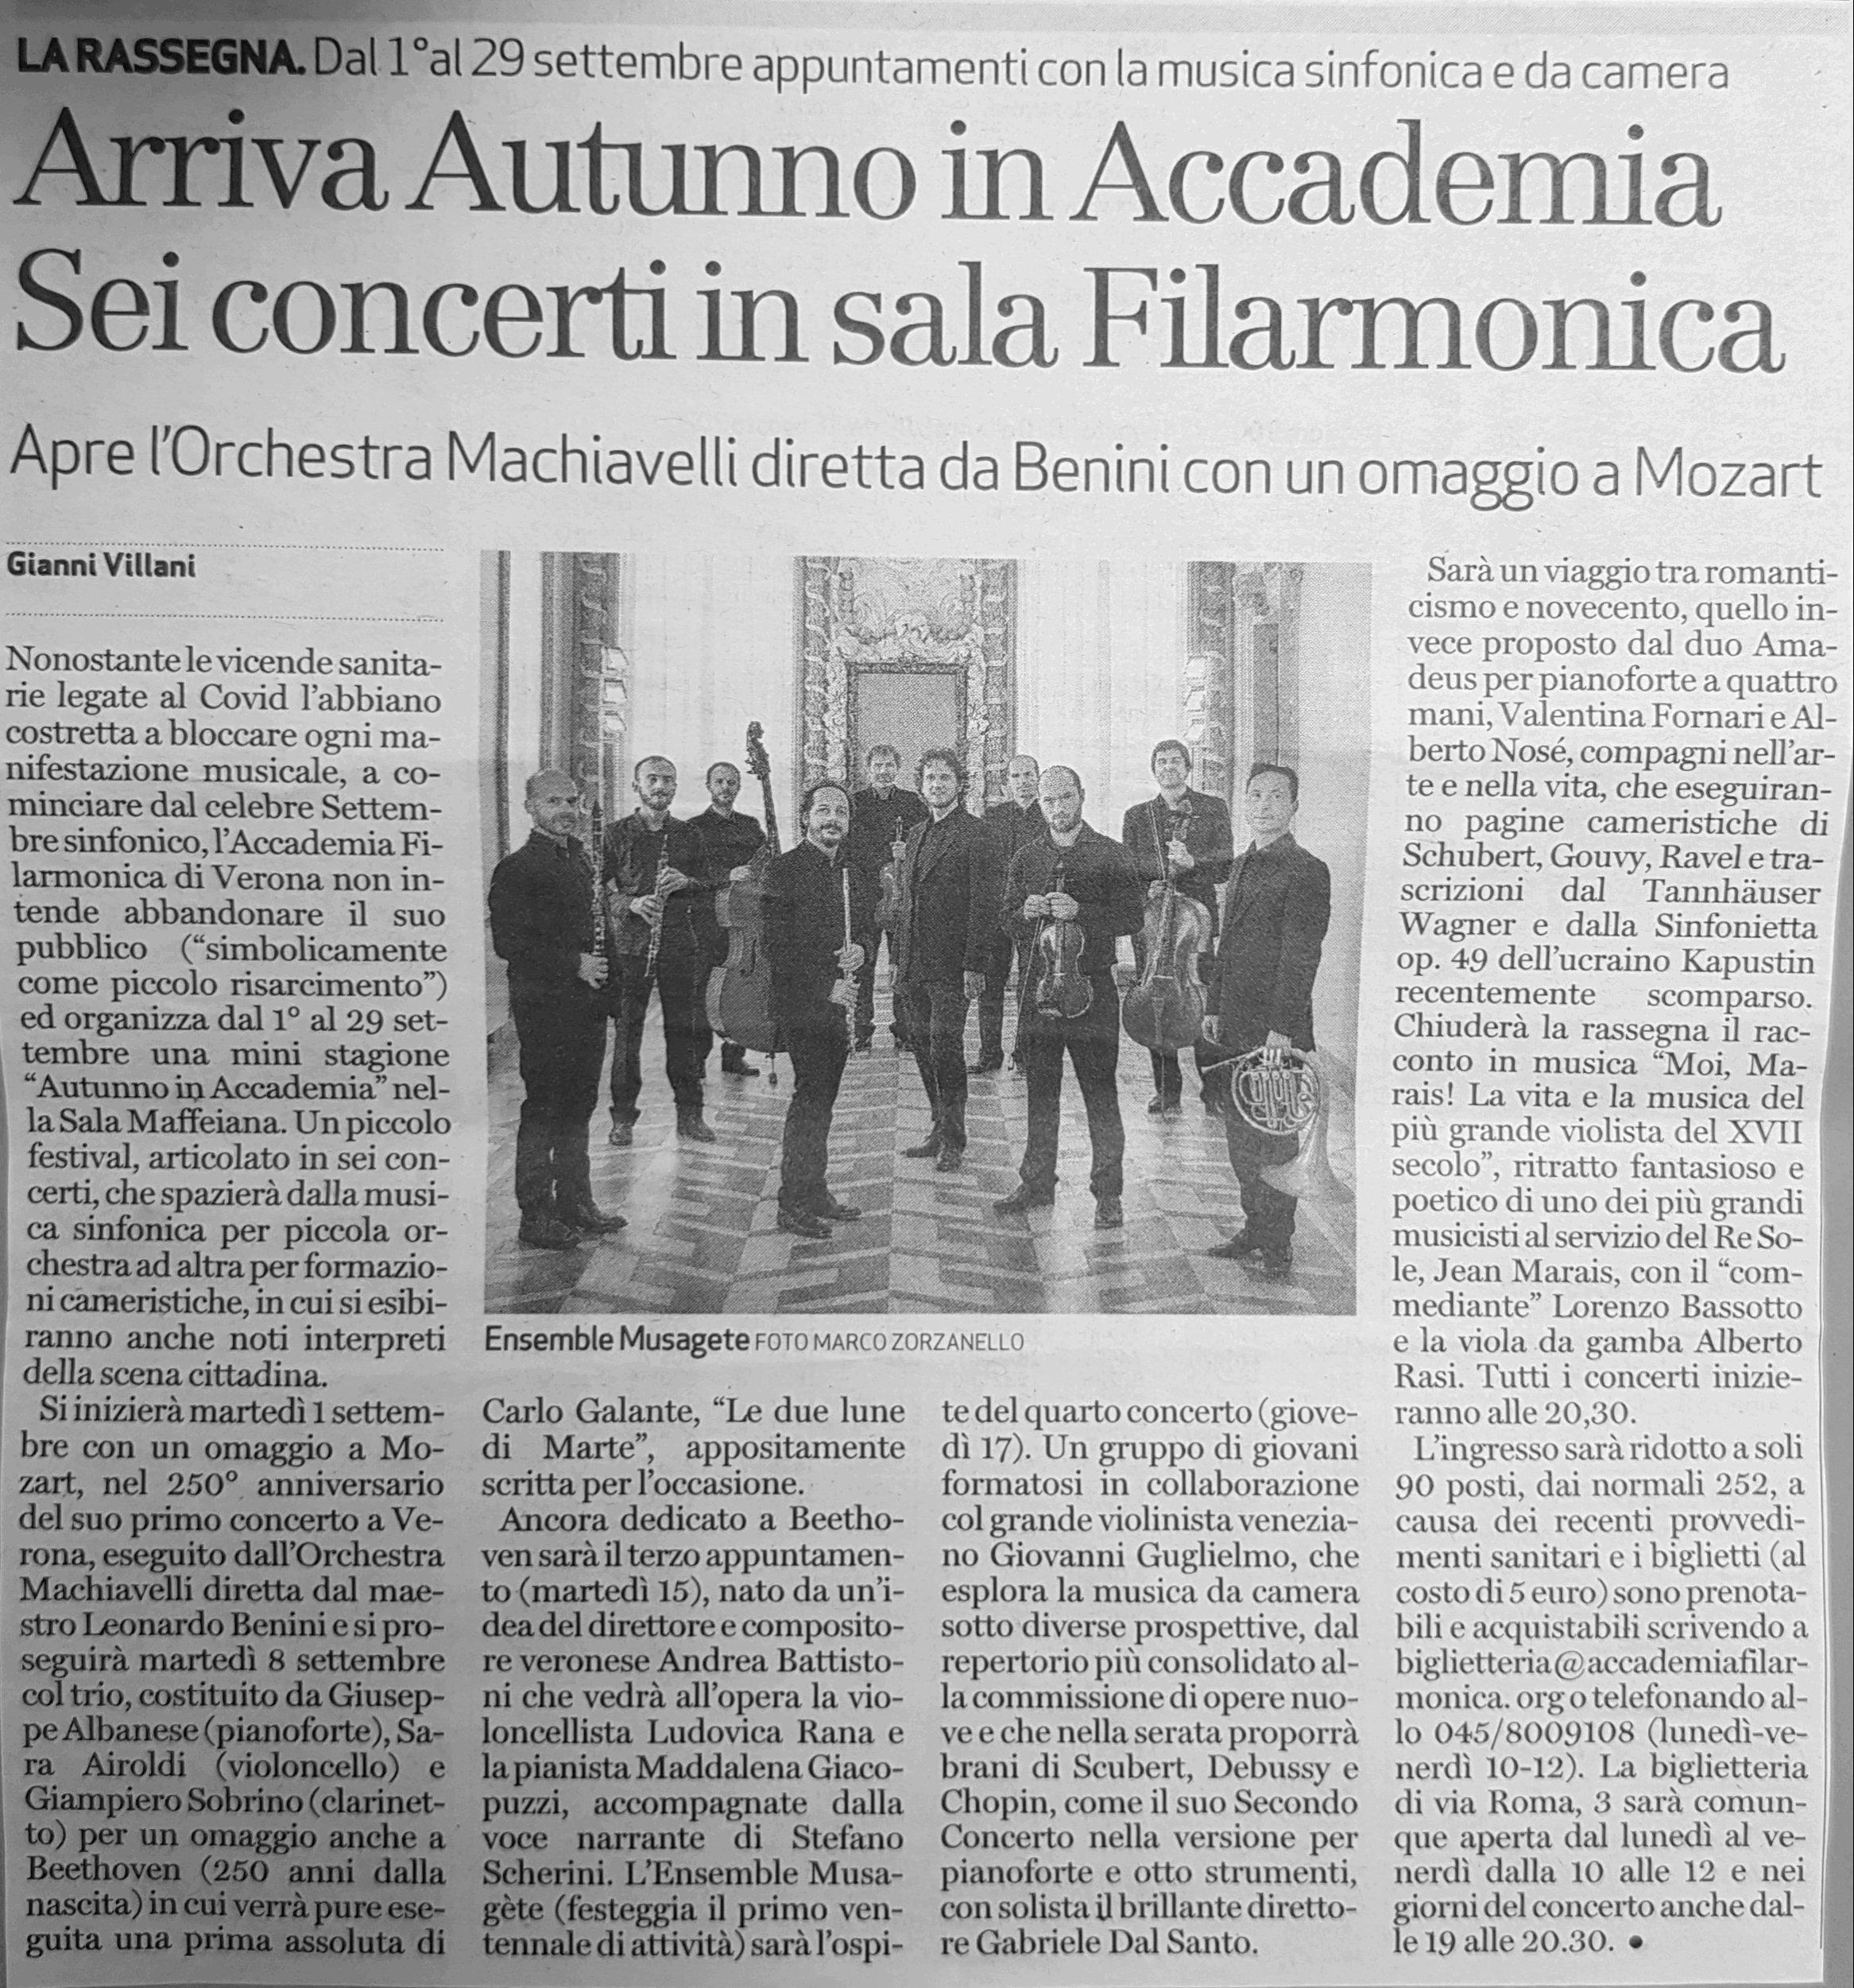 rassegna-stampa-orchestra-machiavelli-autunno-in-accademia